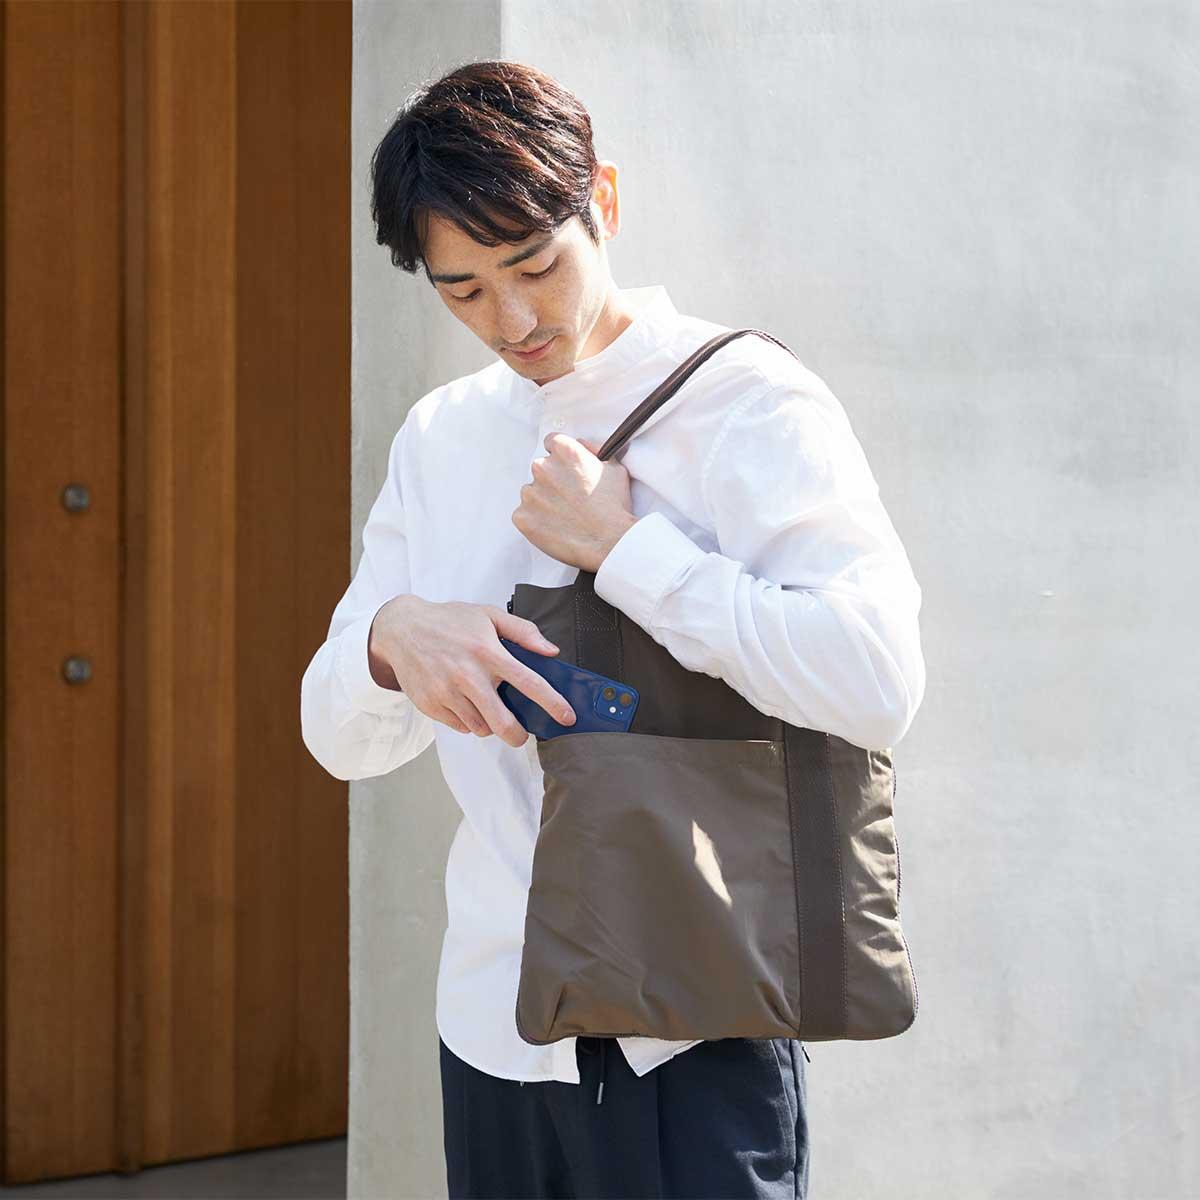 長財布、スマホ、キーケースくらいは、余裕で収納できる、手が入りやすい、ふっくら外ポケット。薄型トートバッグが大容量バッグに変身するバッグ|WARPトランスフォームジッパーバッグ